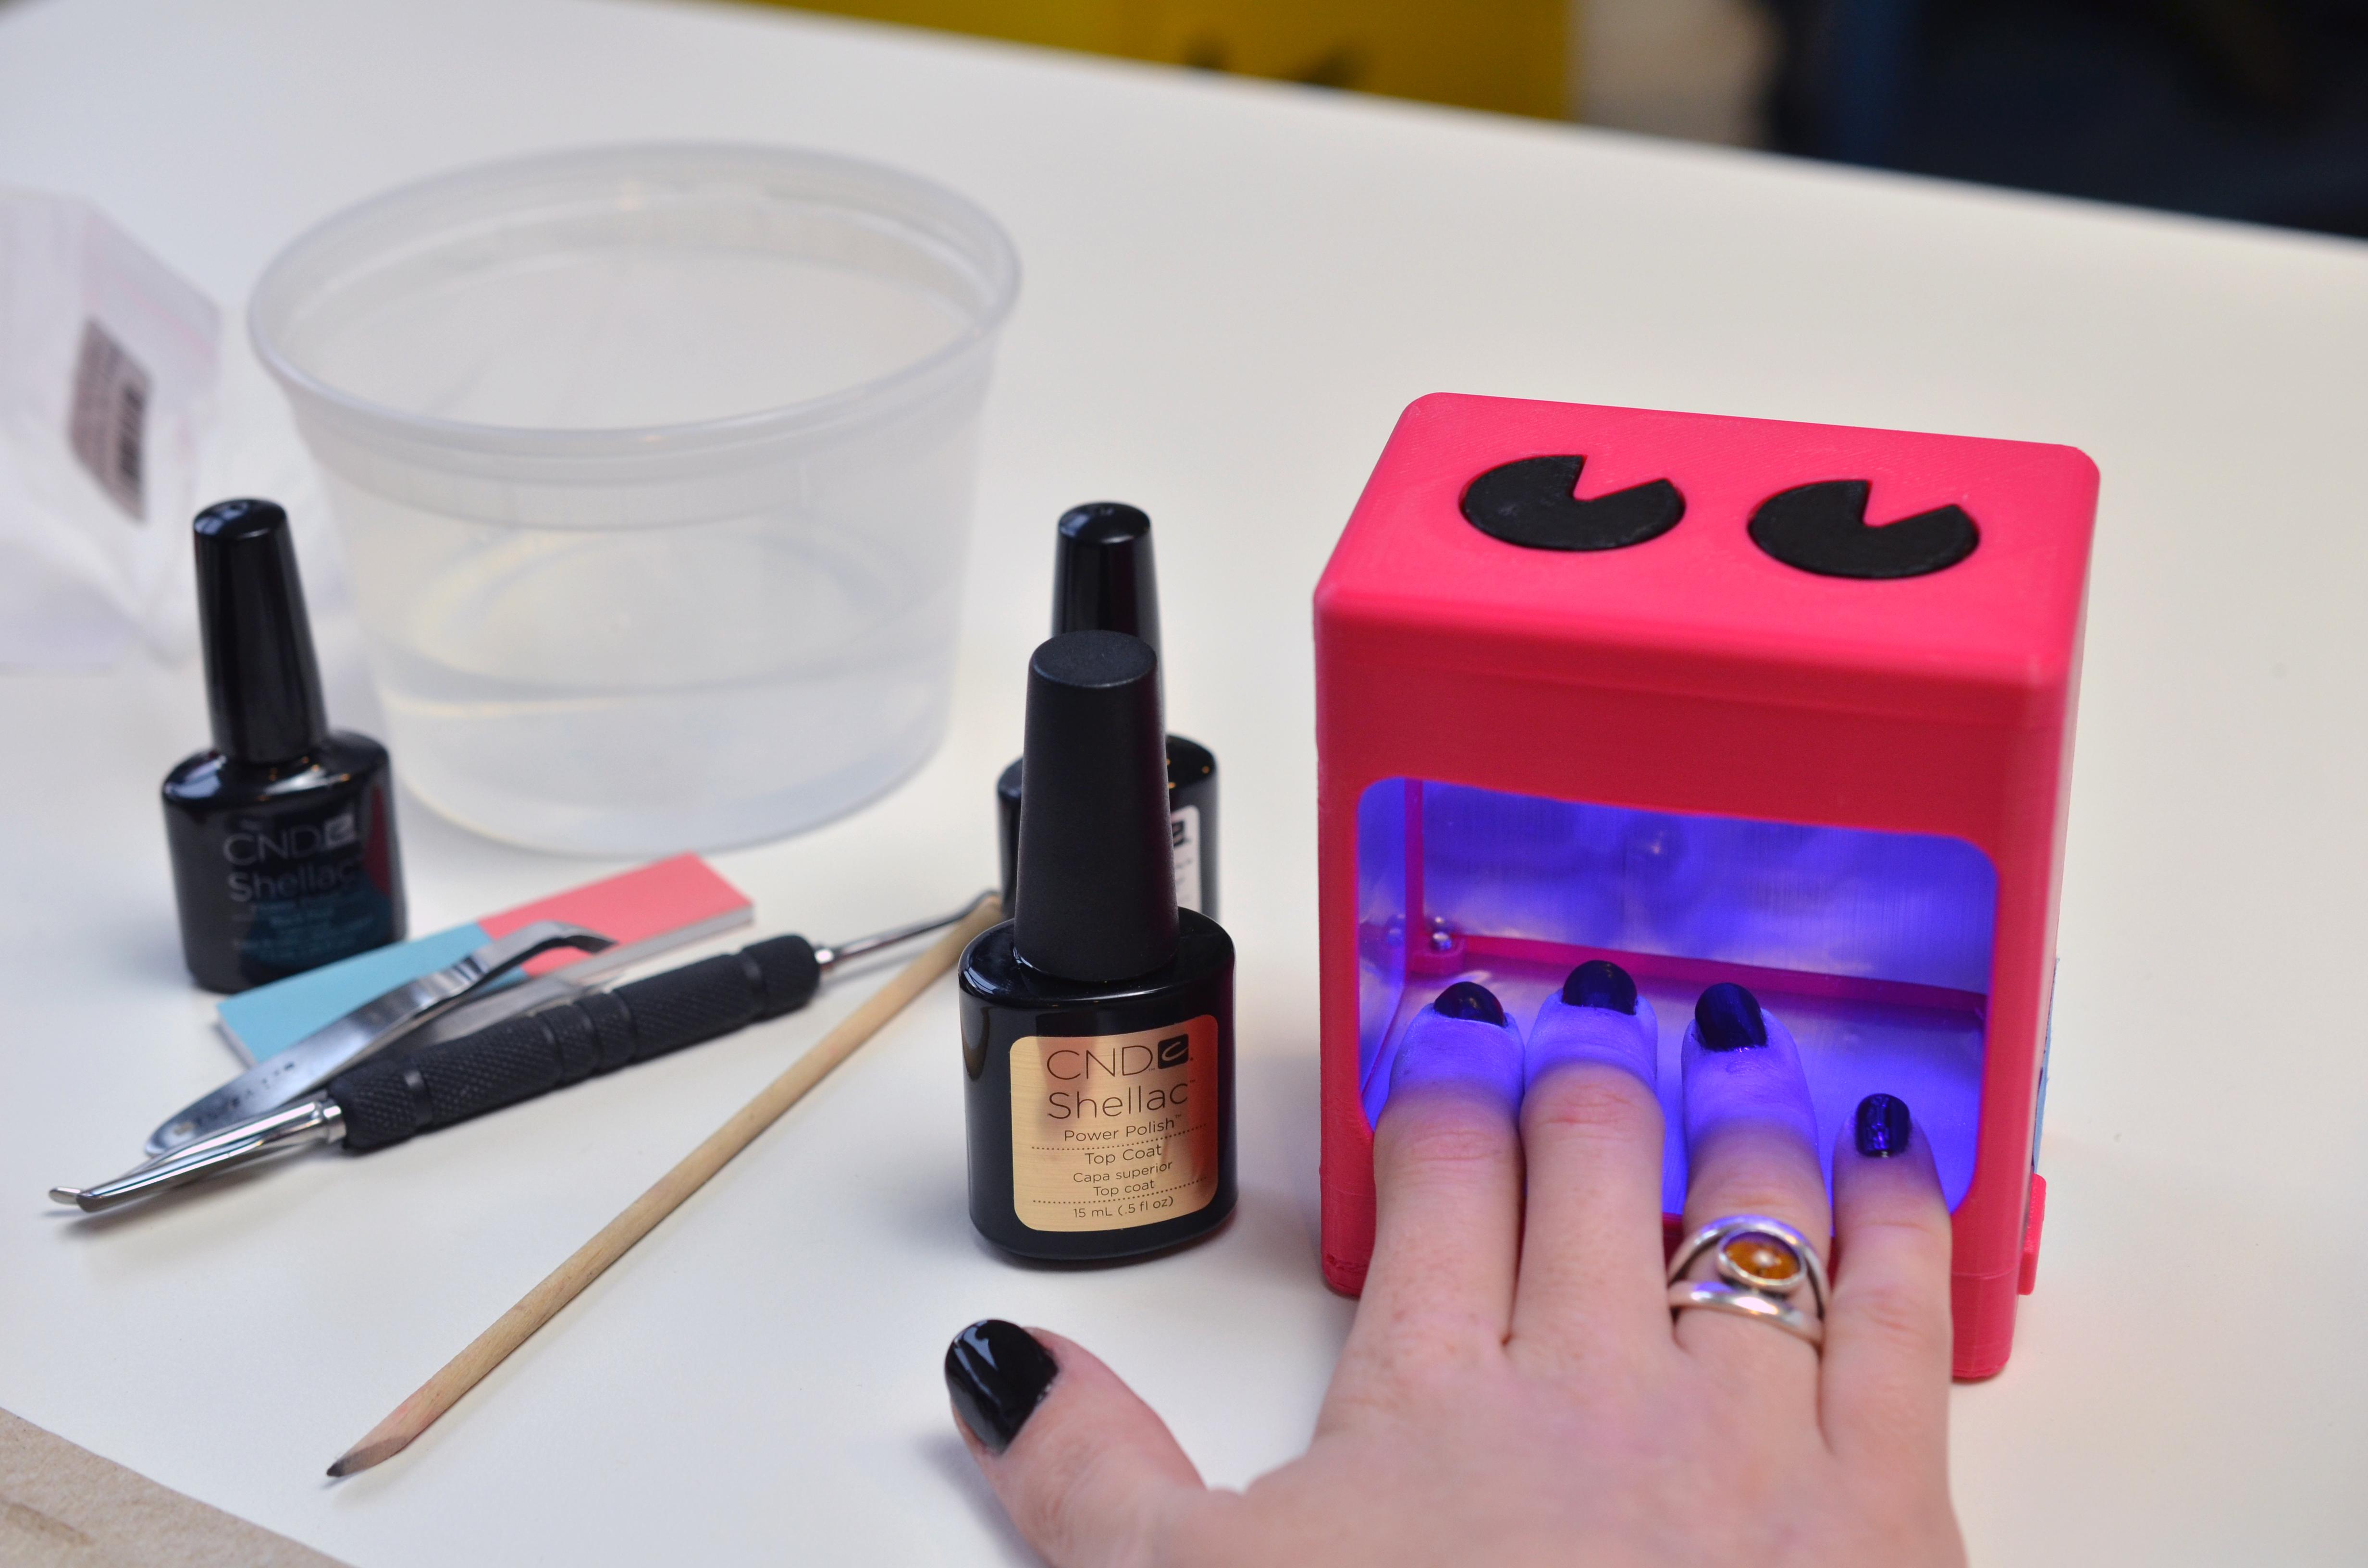 leds_uv-manicure-lamp-use-it.jpg